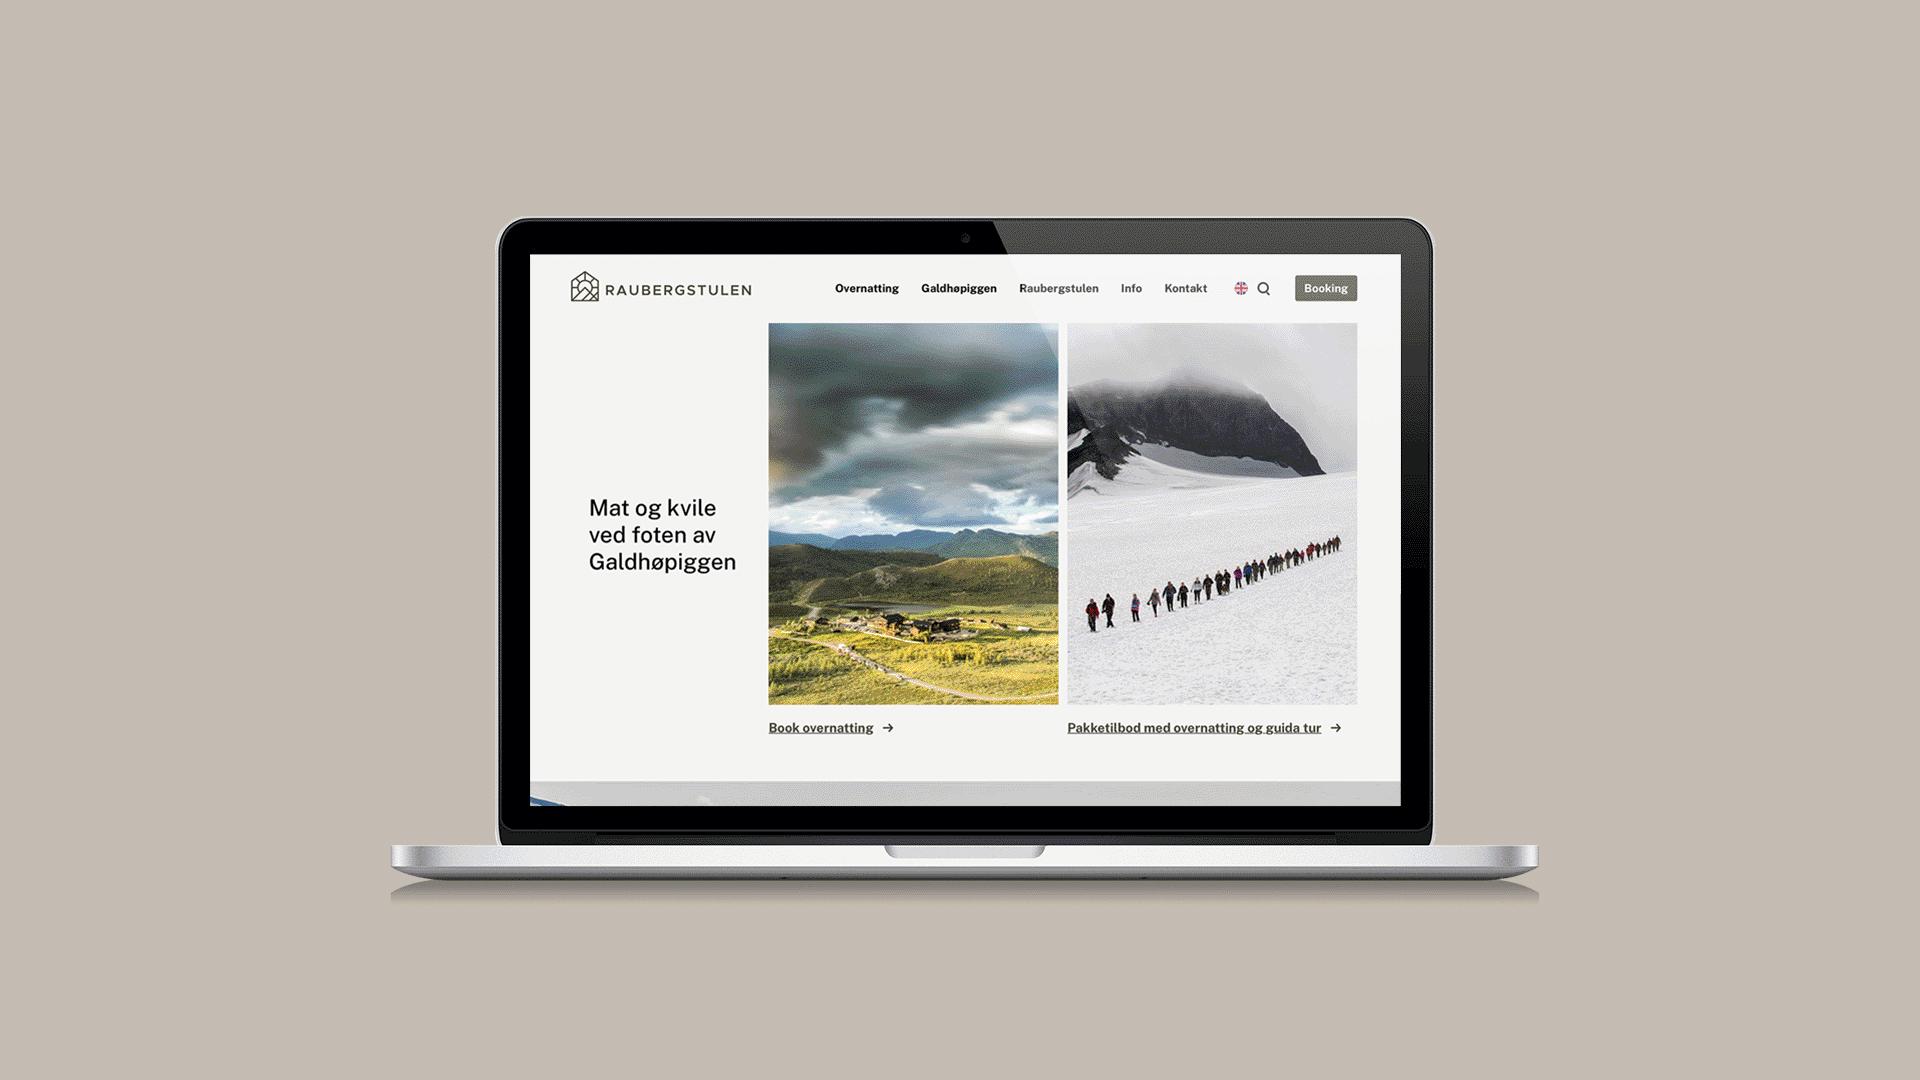 Nettside for Raubergstulen, visuell identitet og grafisk profil, Haus bryå